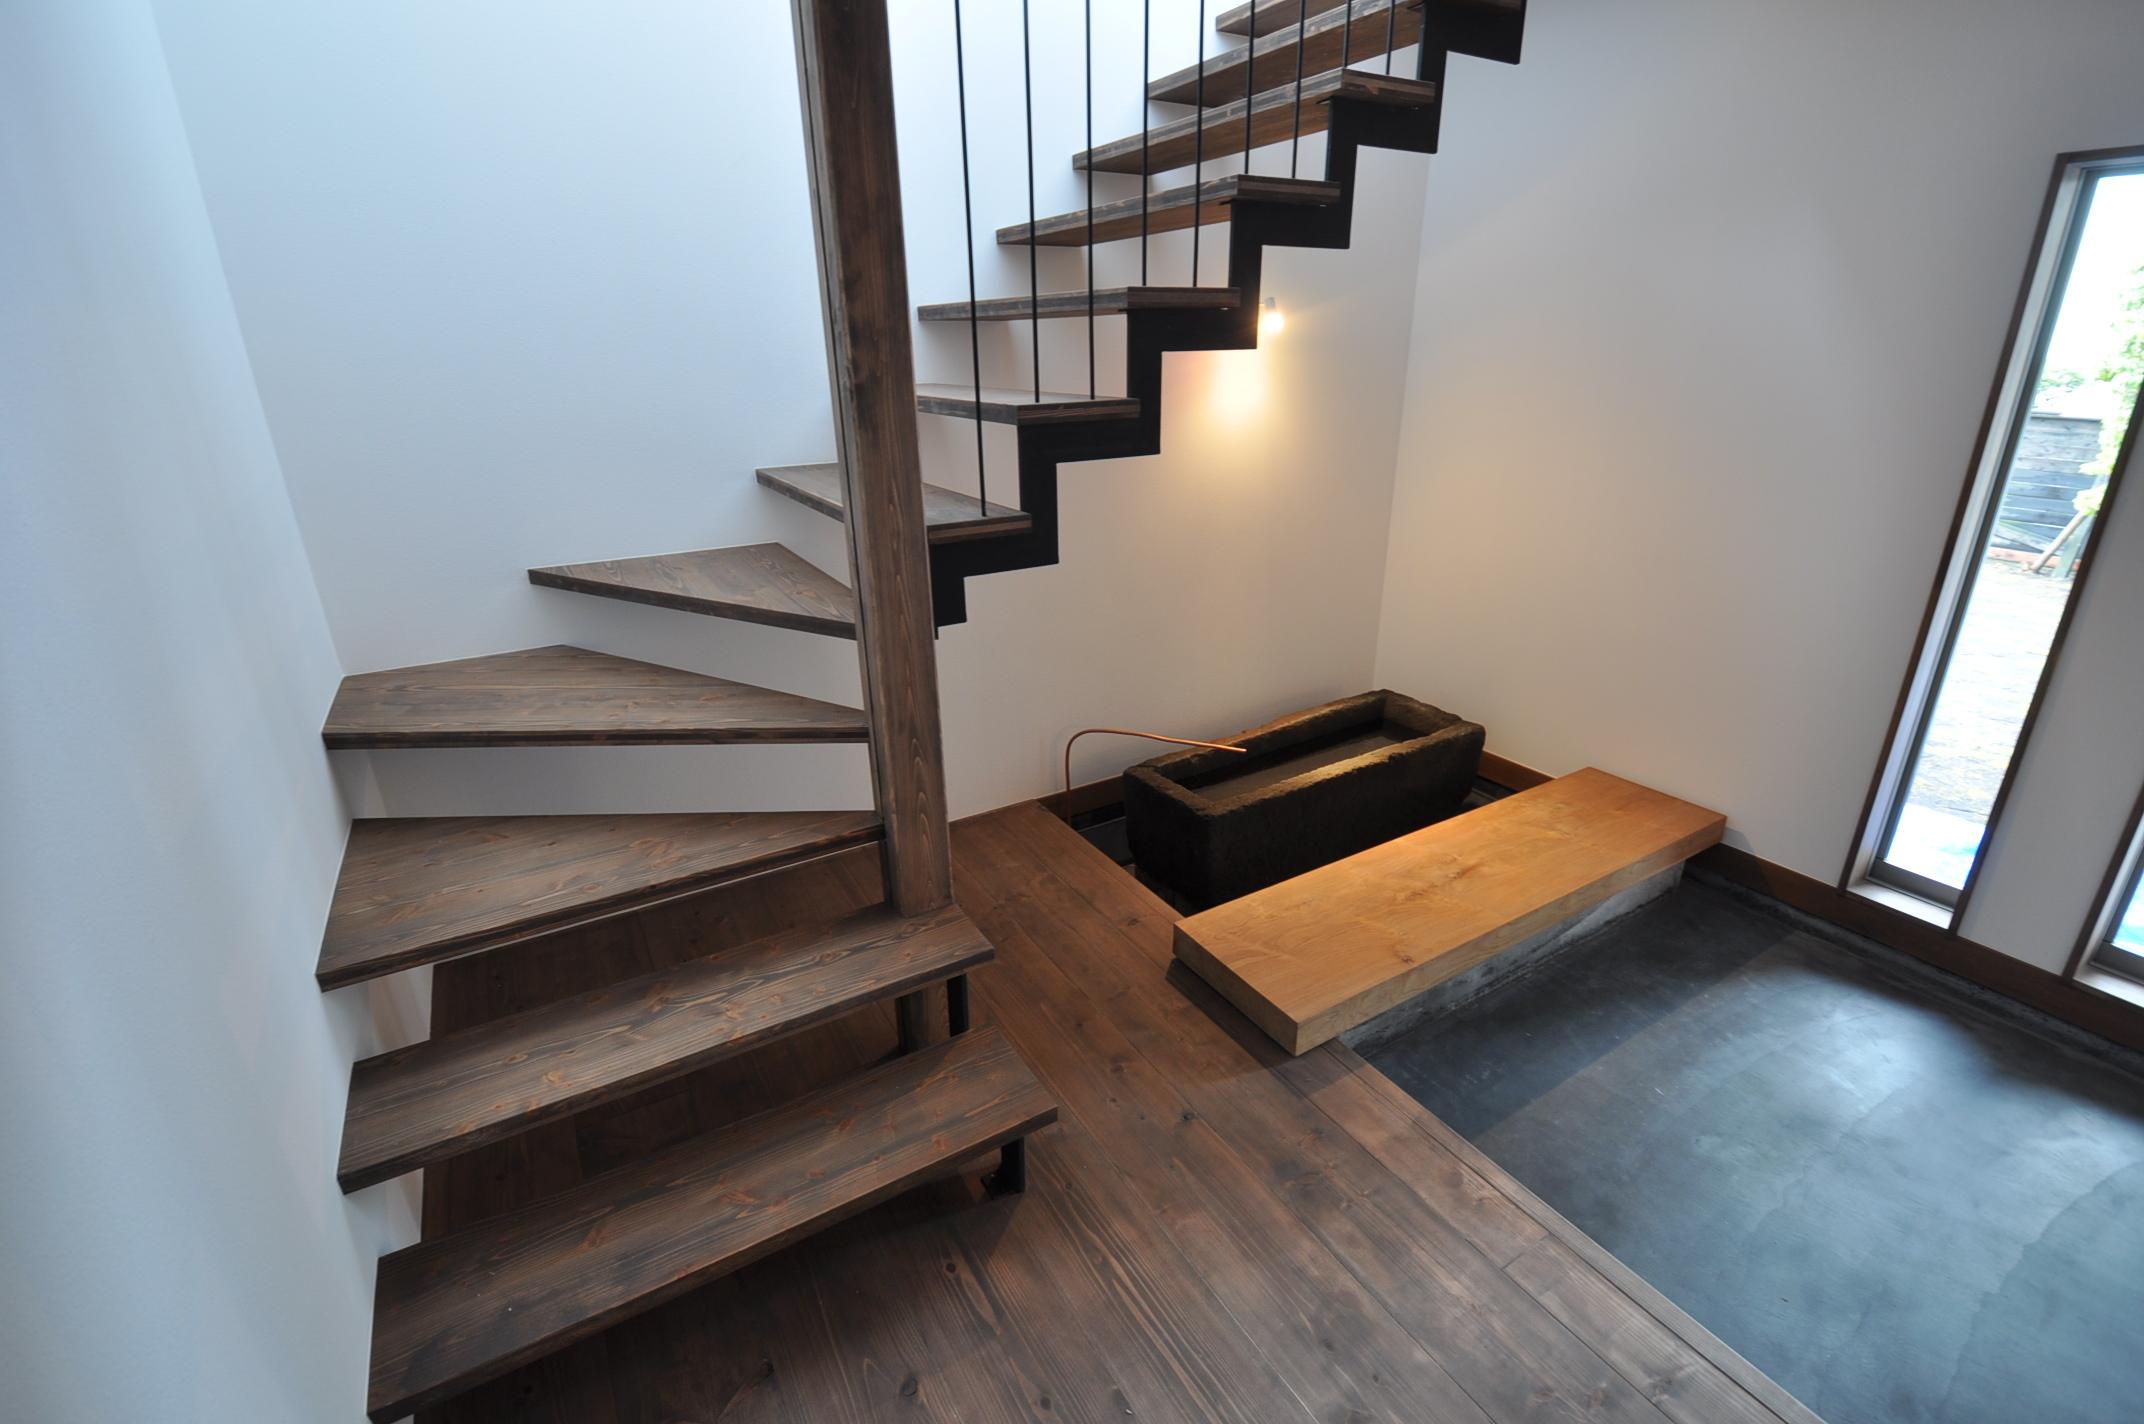 加藤忠男(加藤建築)【デザイン住宅、建築家、インテリア】2階へ登るストリップ階段の下には石の水槽では、季節ごとに水草が生活に彩りを添える